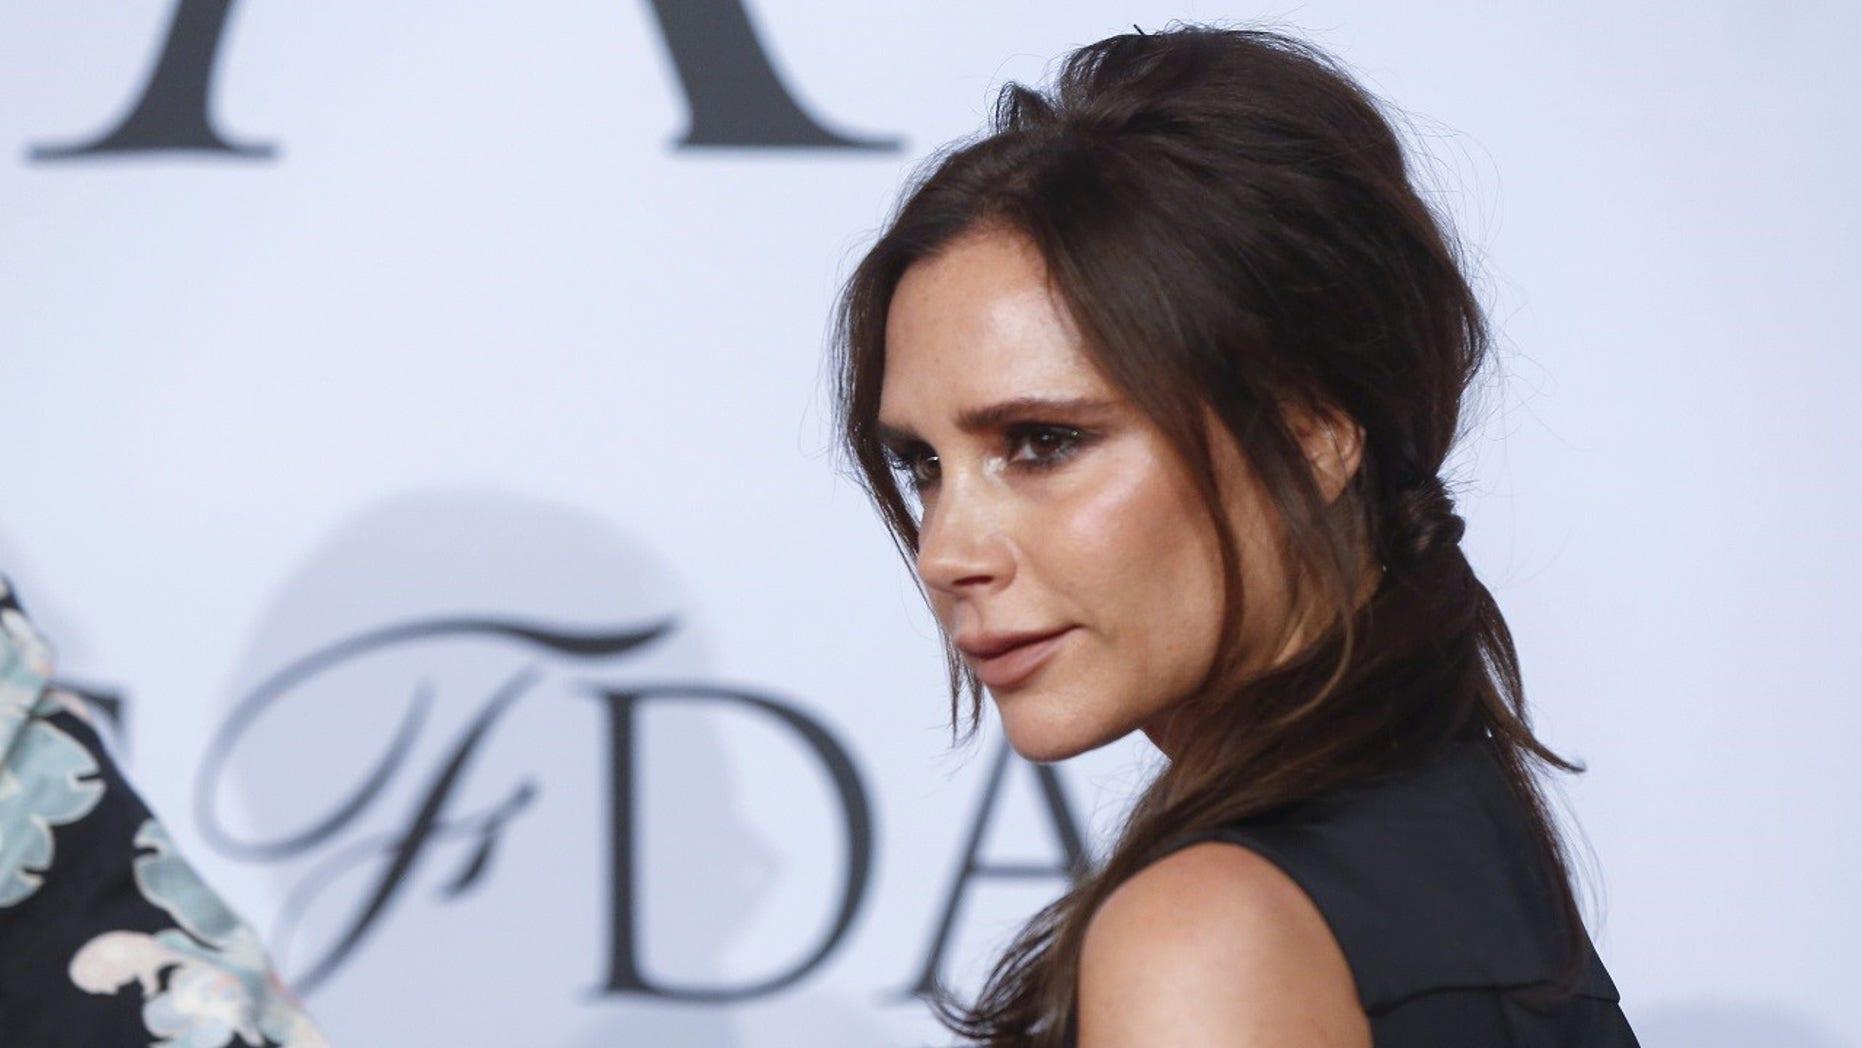 Victoria Beckham shut down Spice Girls reunion tour rumors on Saturday.